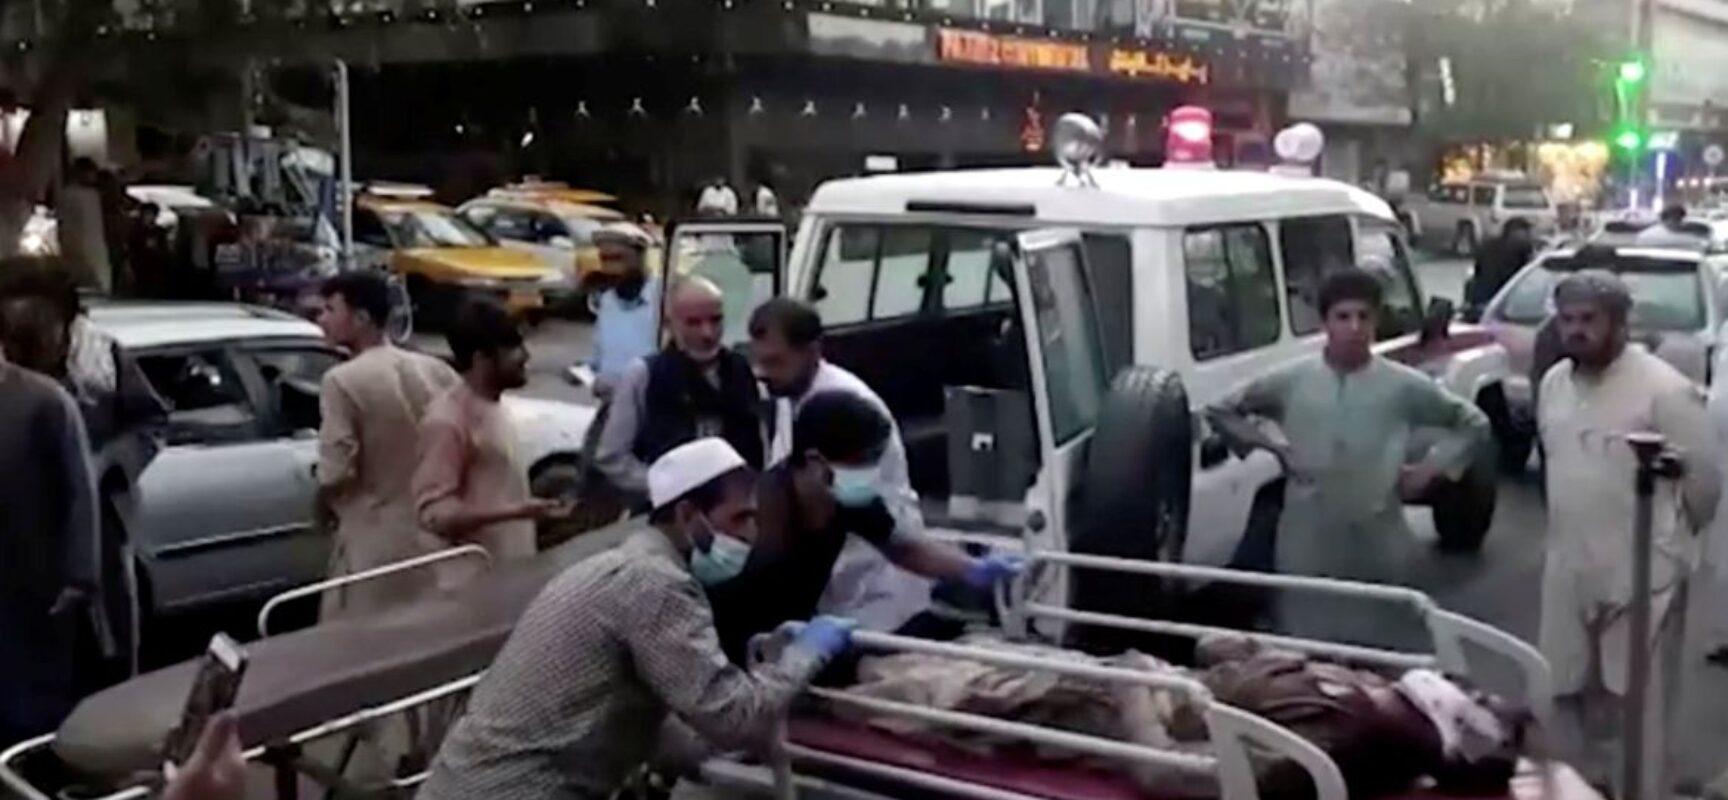 Estado Islâmico reivindica autoria de ataque no aeroporto de Cabul